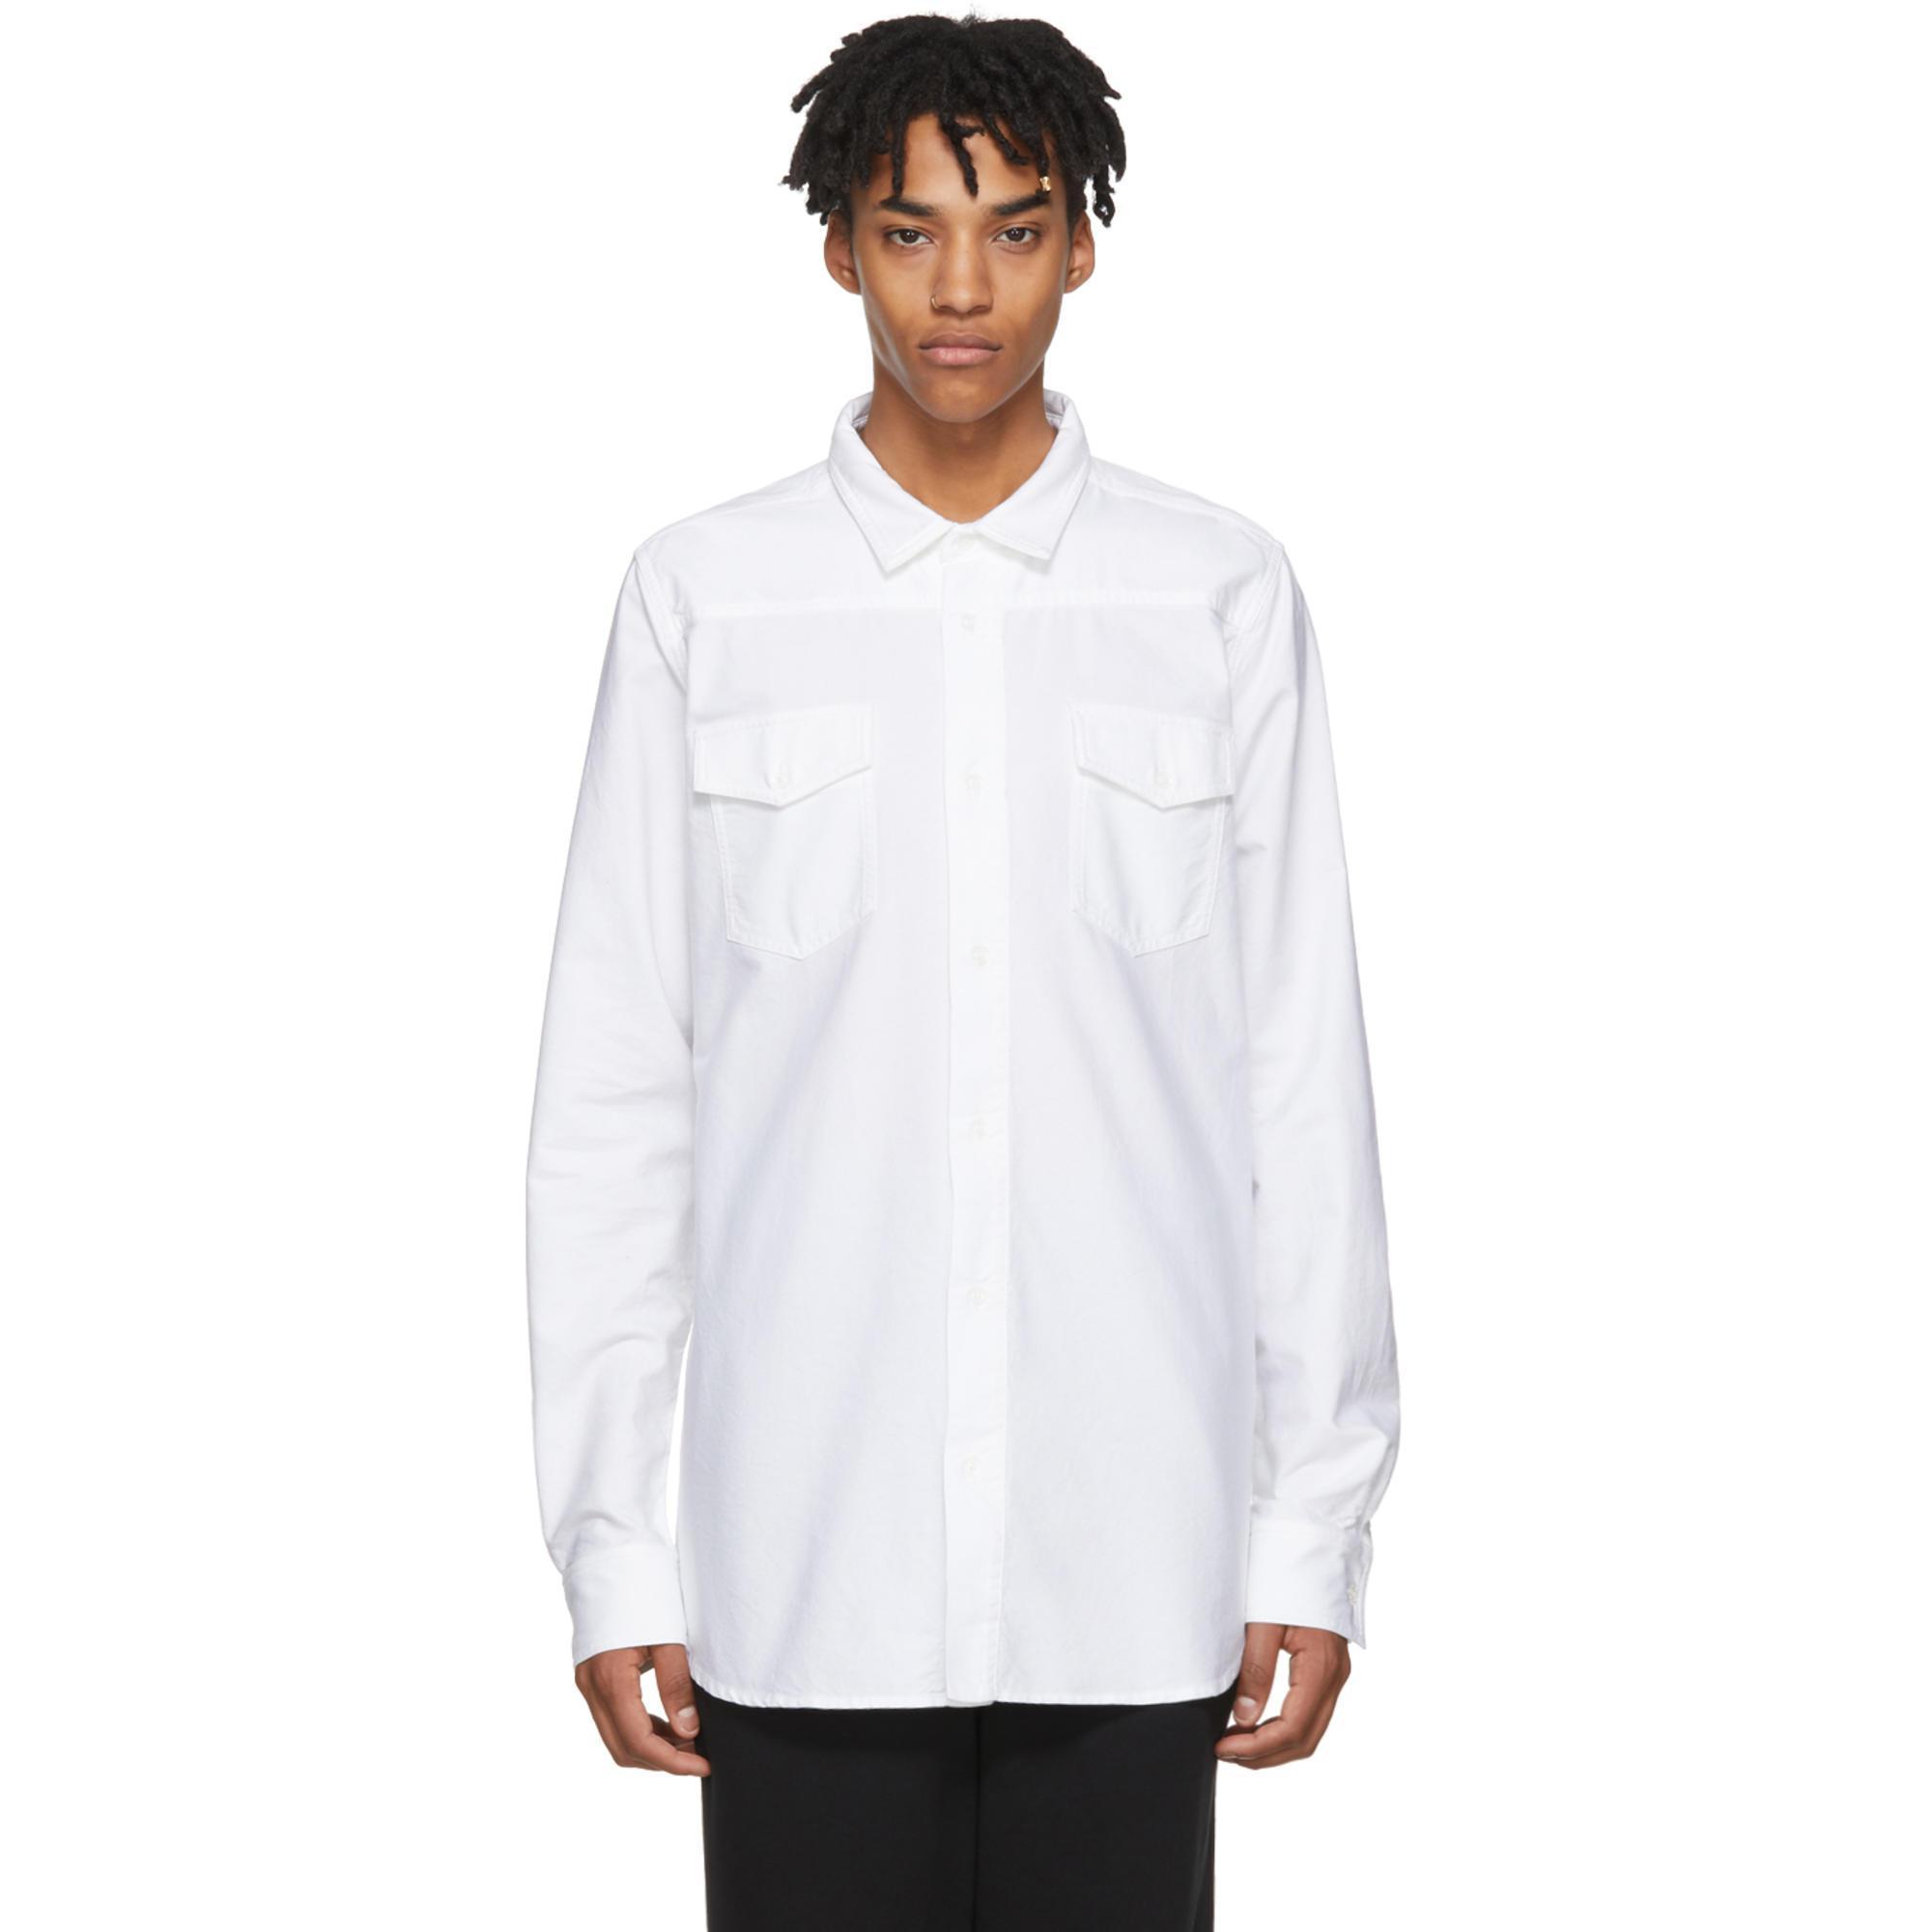 lyst off white c o virgil abloh white firetape shirt in white for men. Black Bedroom Furniture Sets. Home Design Ideas